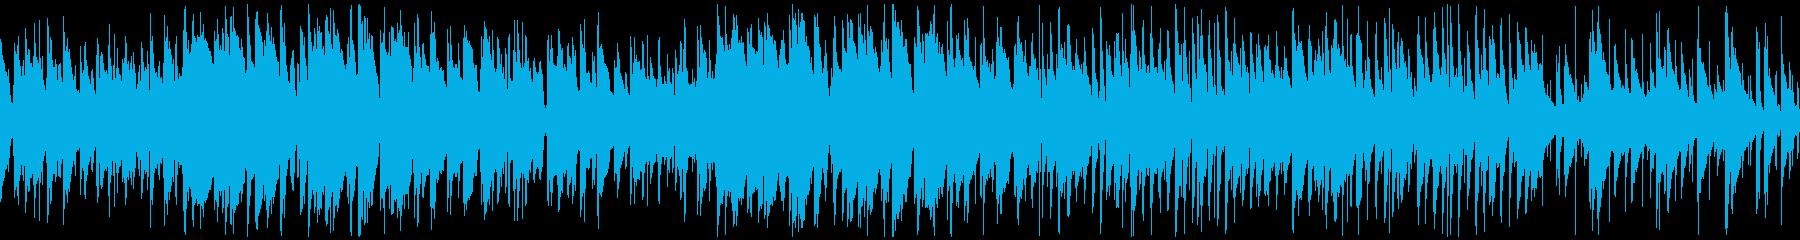 秋がテーマのトランペットのゆったりジャズの再生済みの波形